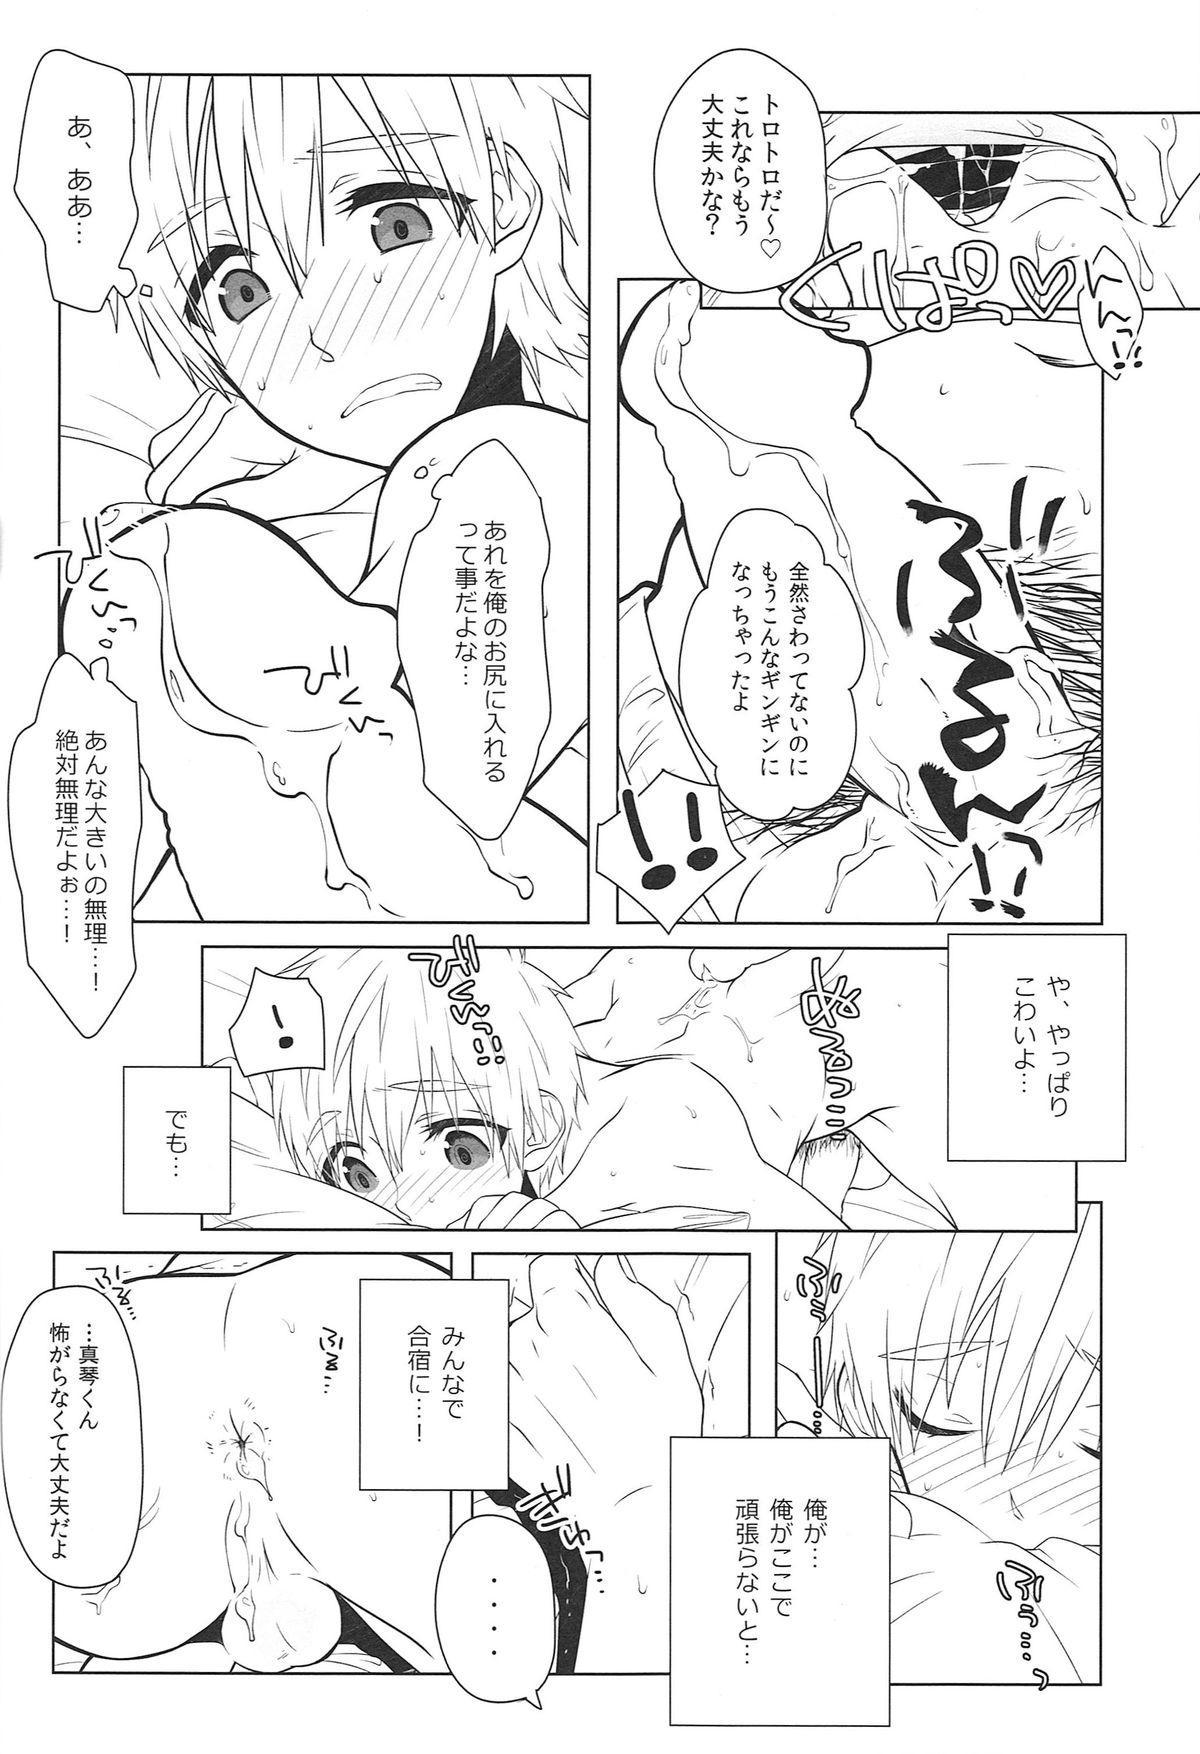 Tokusuru Karada 15